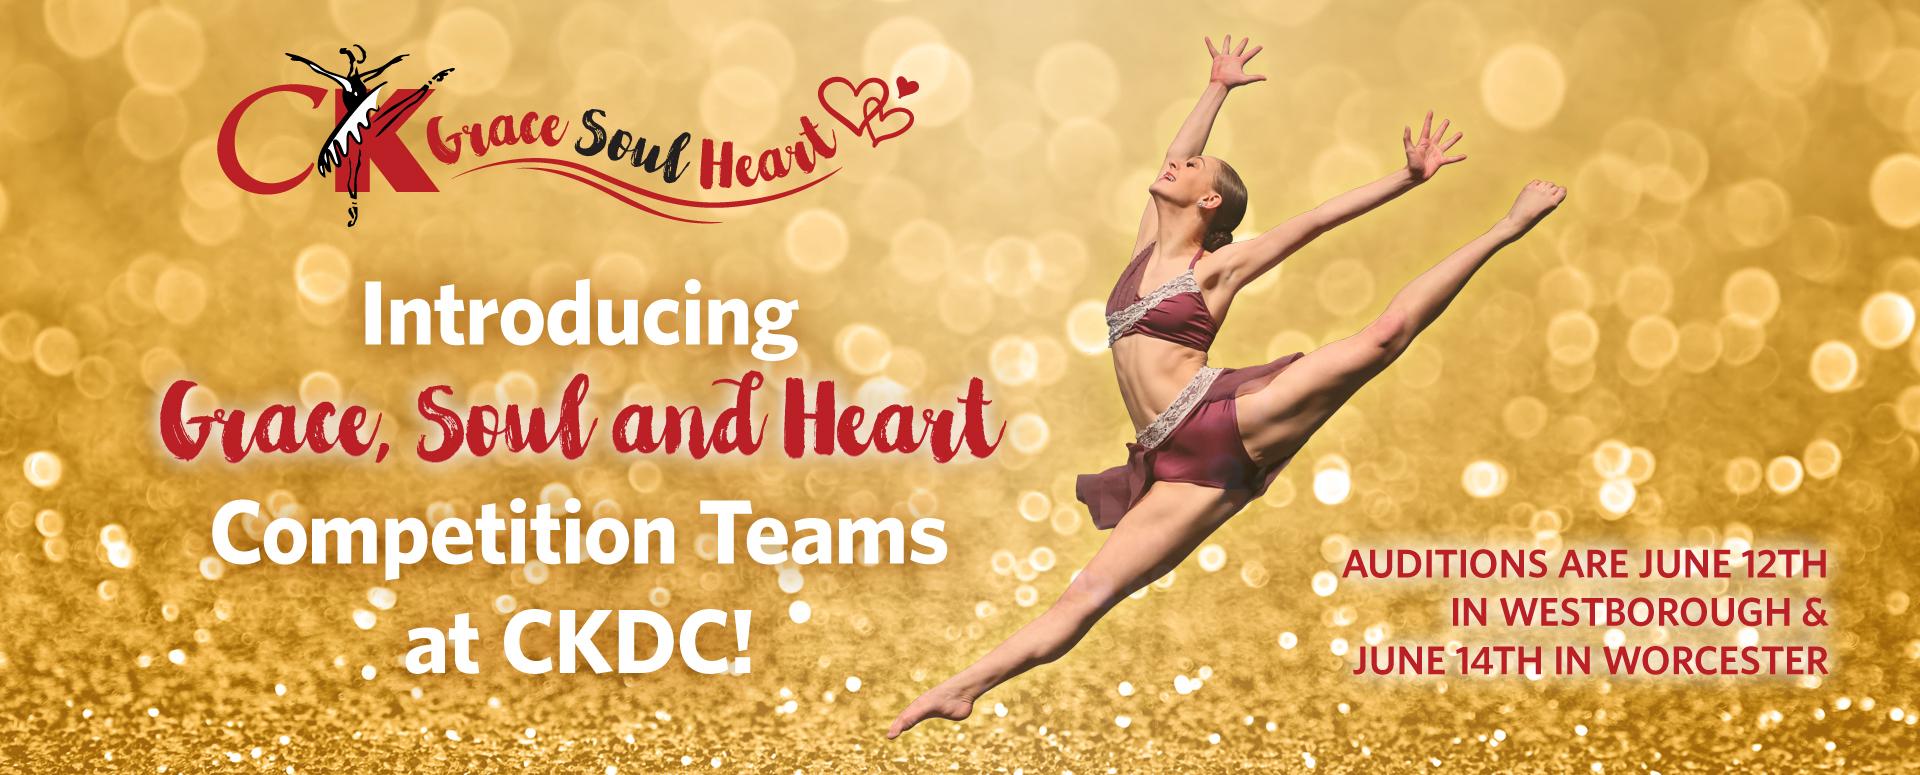 CKD042618A_CompetitionTeam-WebSlider